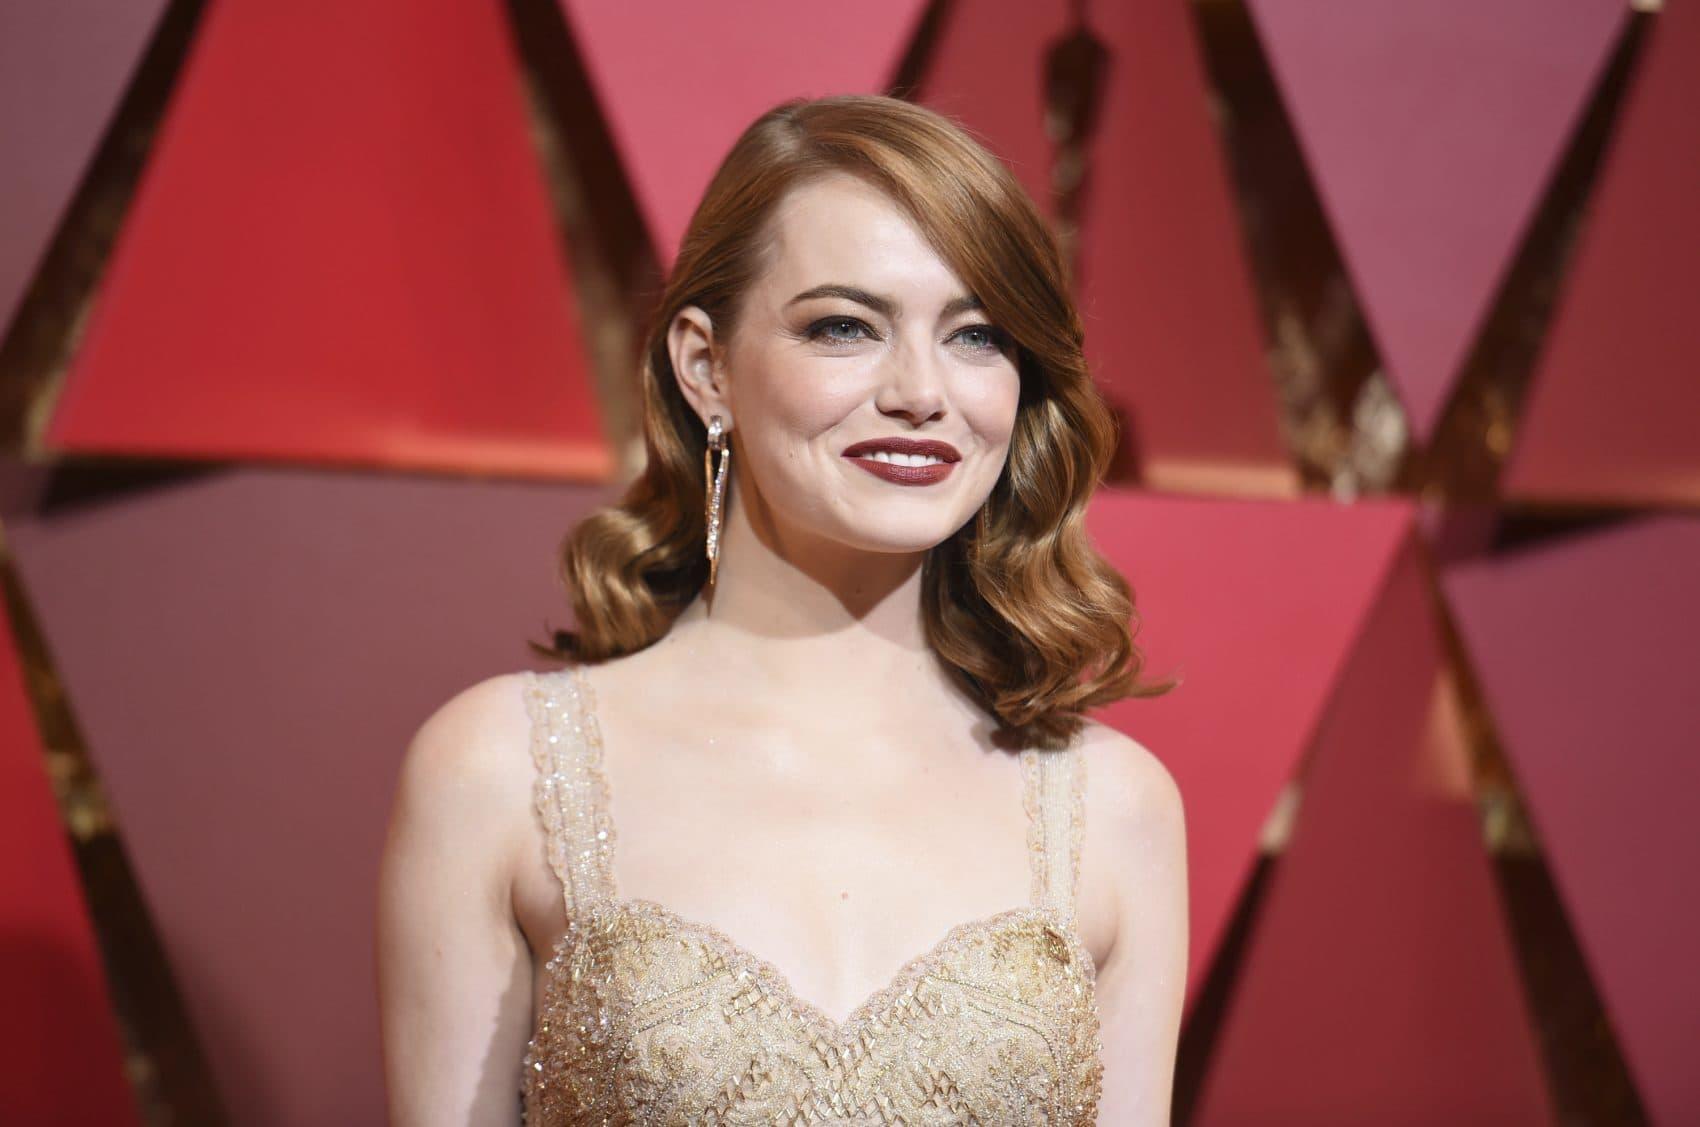 Emma Stone arrives the Oscars Sunday night. (Richard Shotwell/Invision/AP)